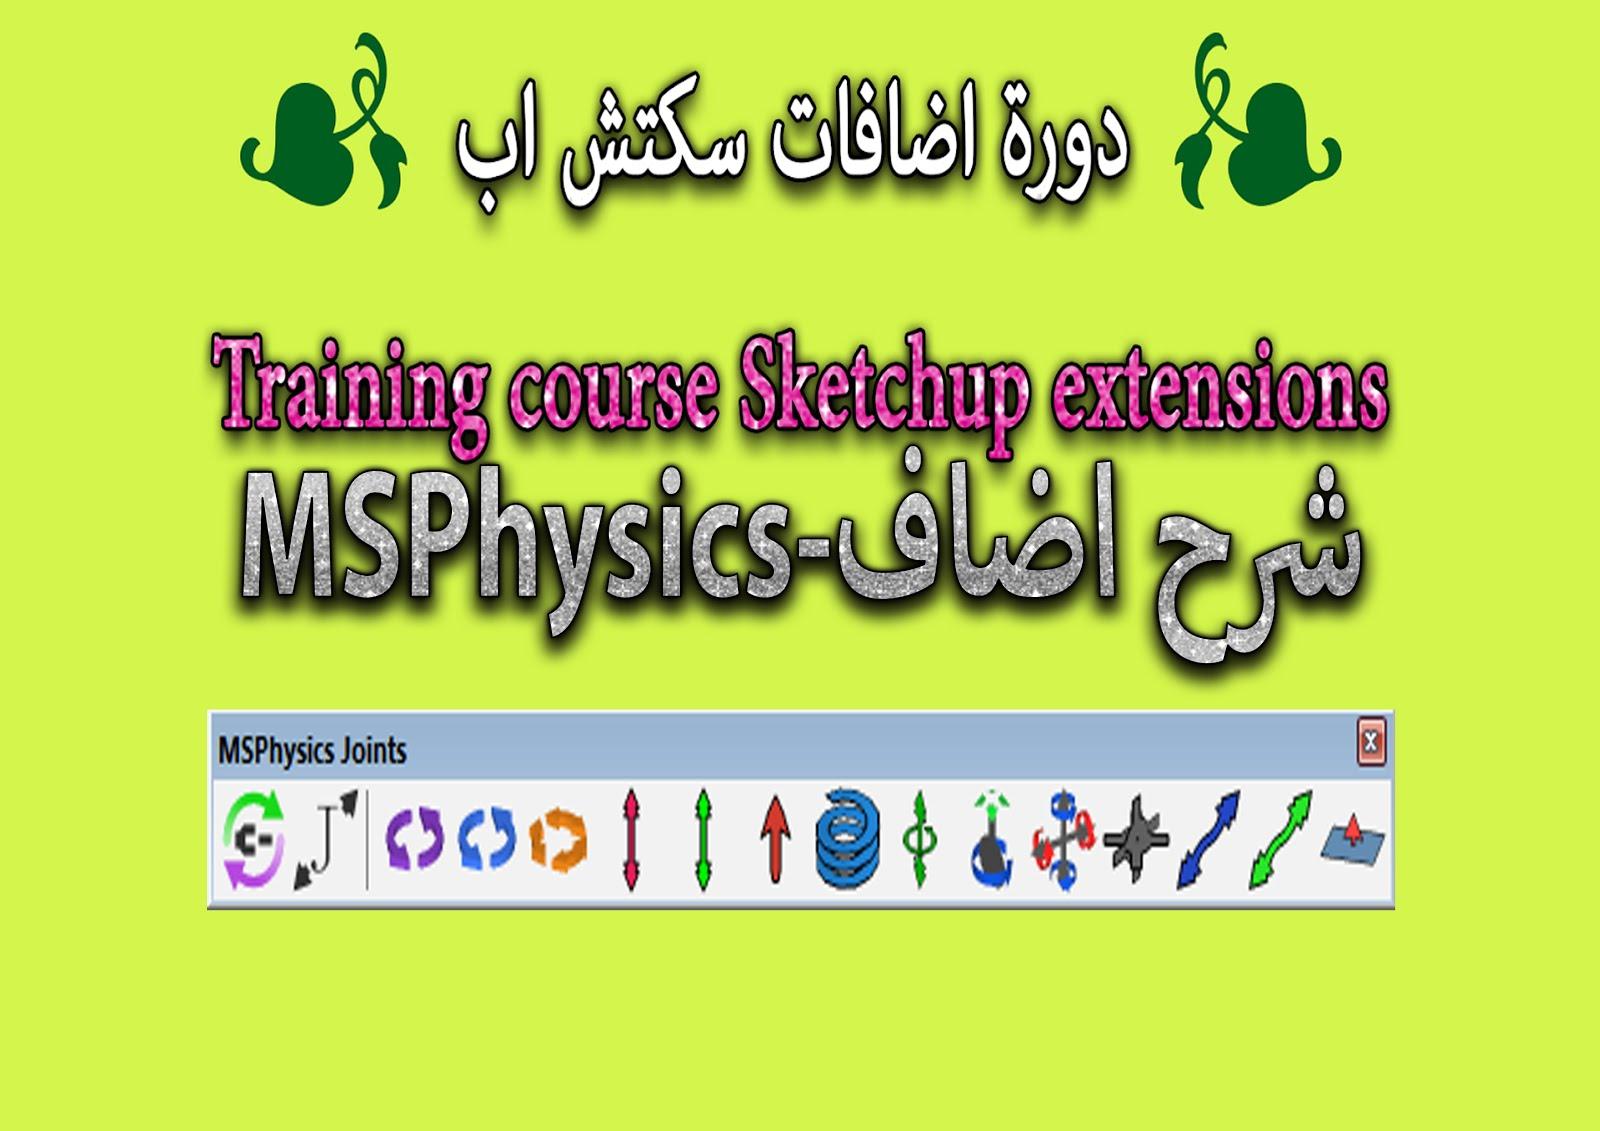 درس رقم 9 شرح اضافات سكتش اب شرح اضافه Training Course Sketchup Extensions Msphysics